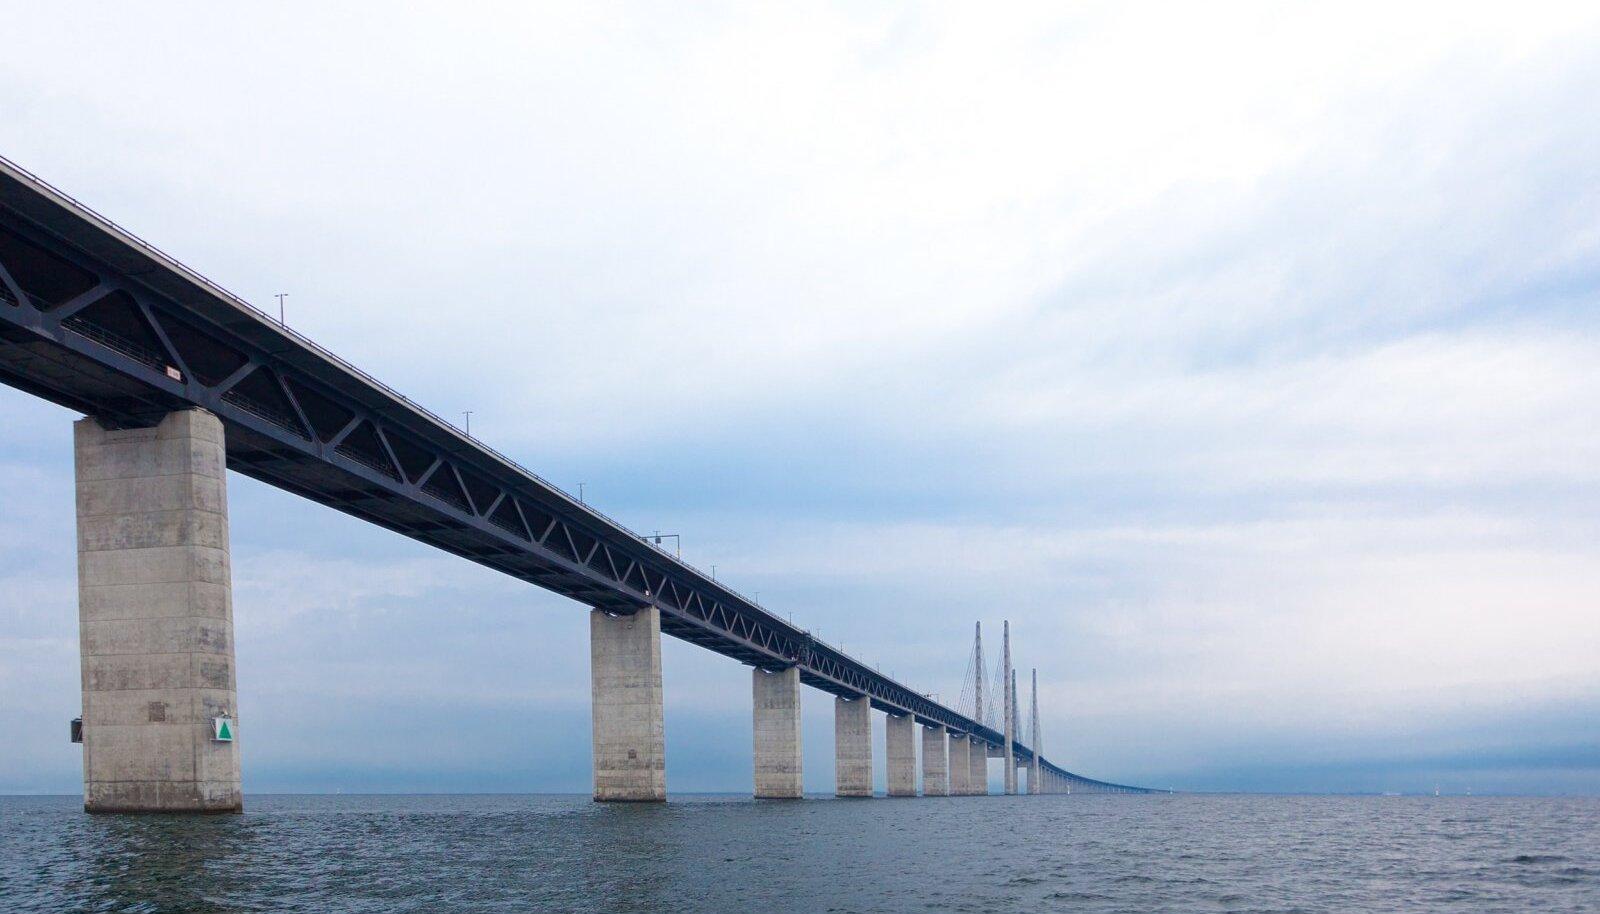 Taanit ja Rootsit ühendav Öresundi sild